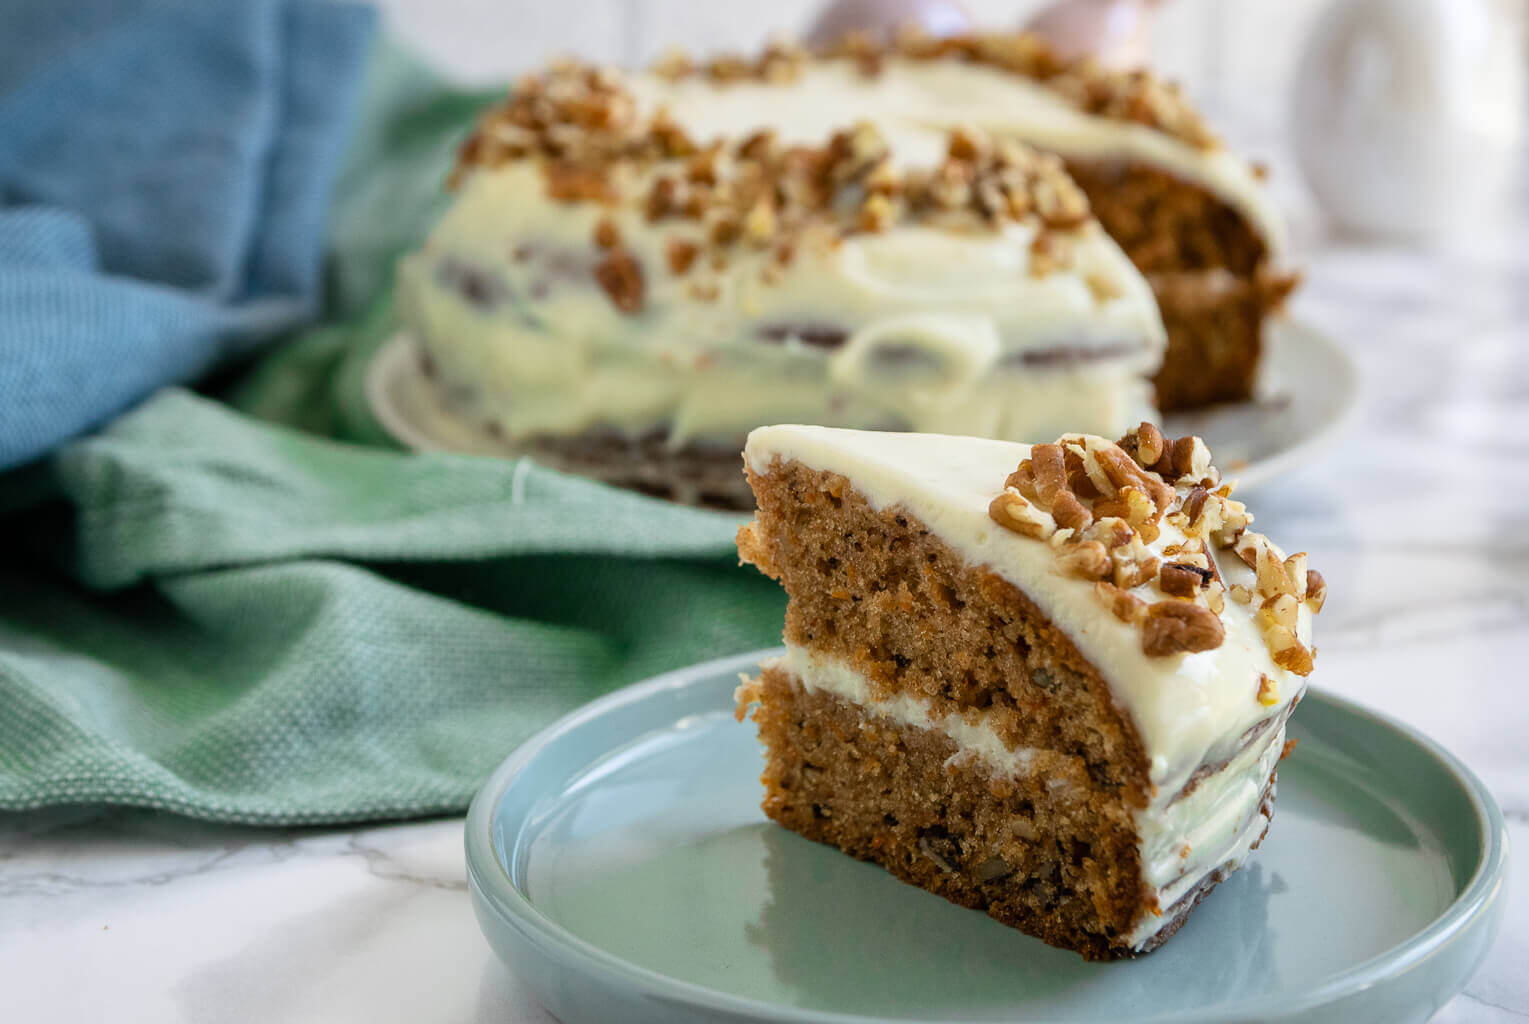 So backst du den perfekten Carrot Cake mit Frischkäse wie von Starbucks